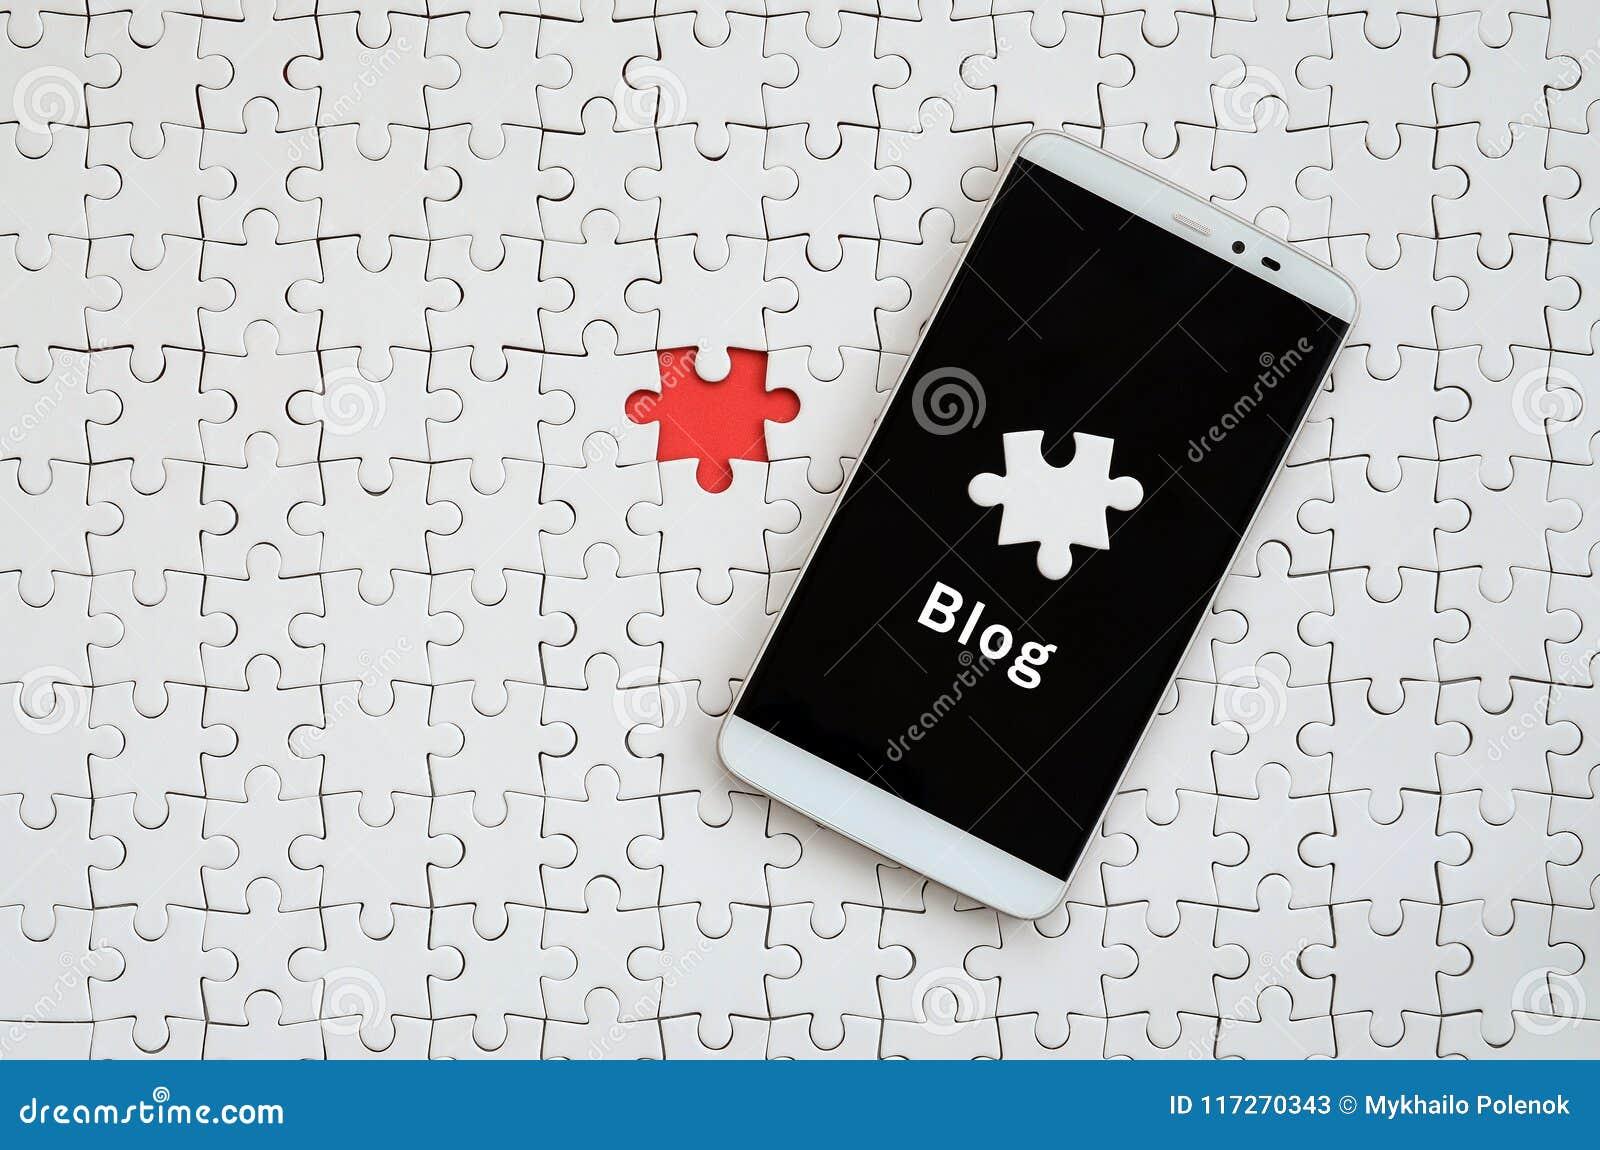 Un smartphone grande moderno con una pantalla táctil miente en las plantillas blancas